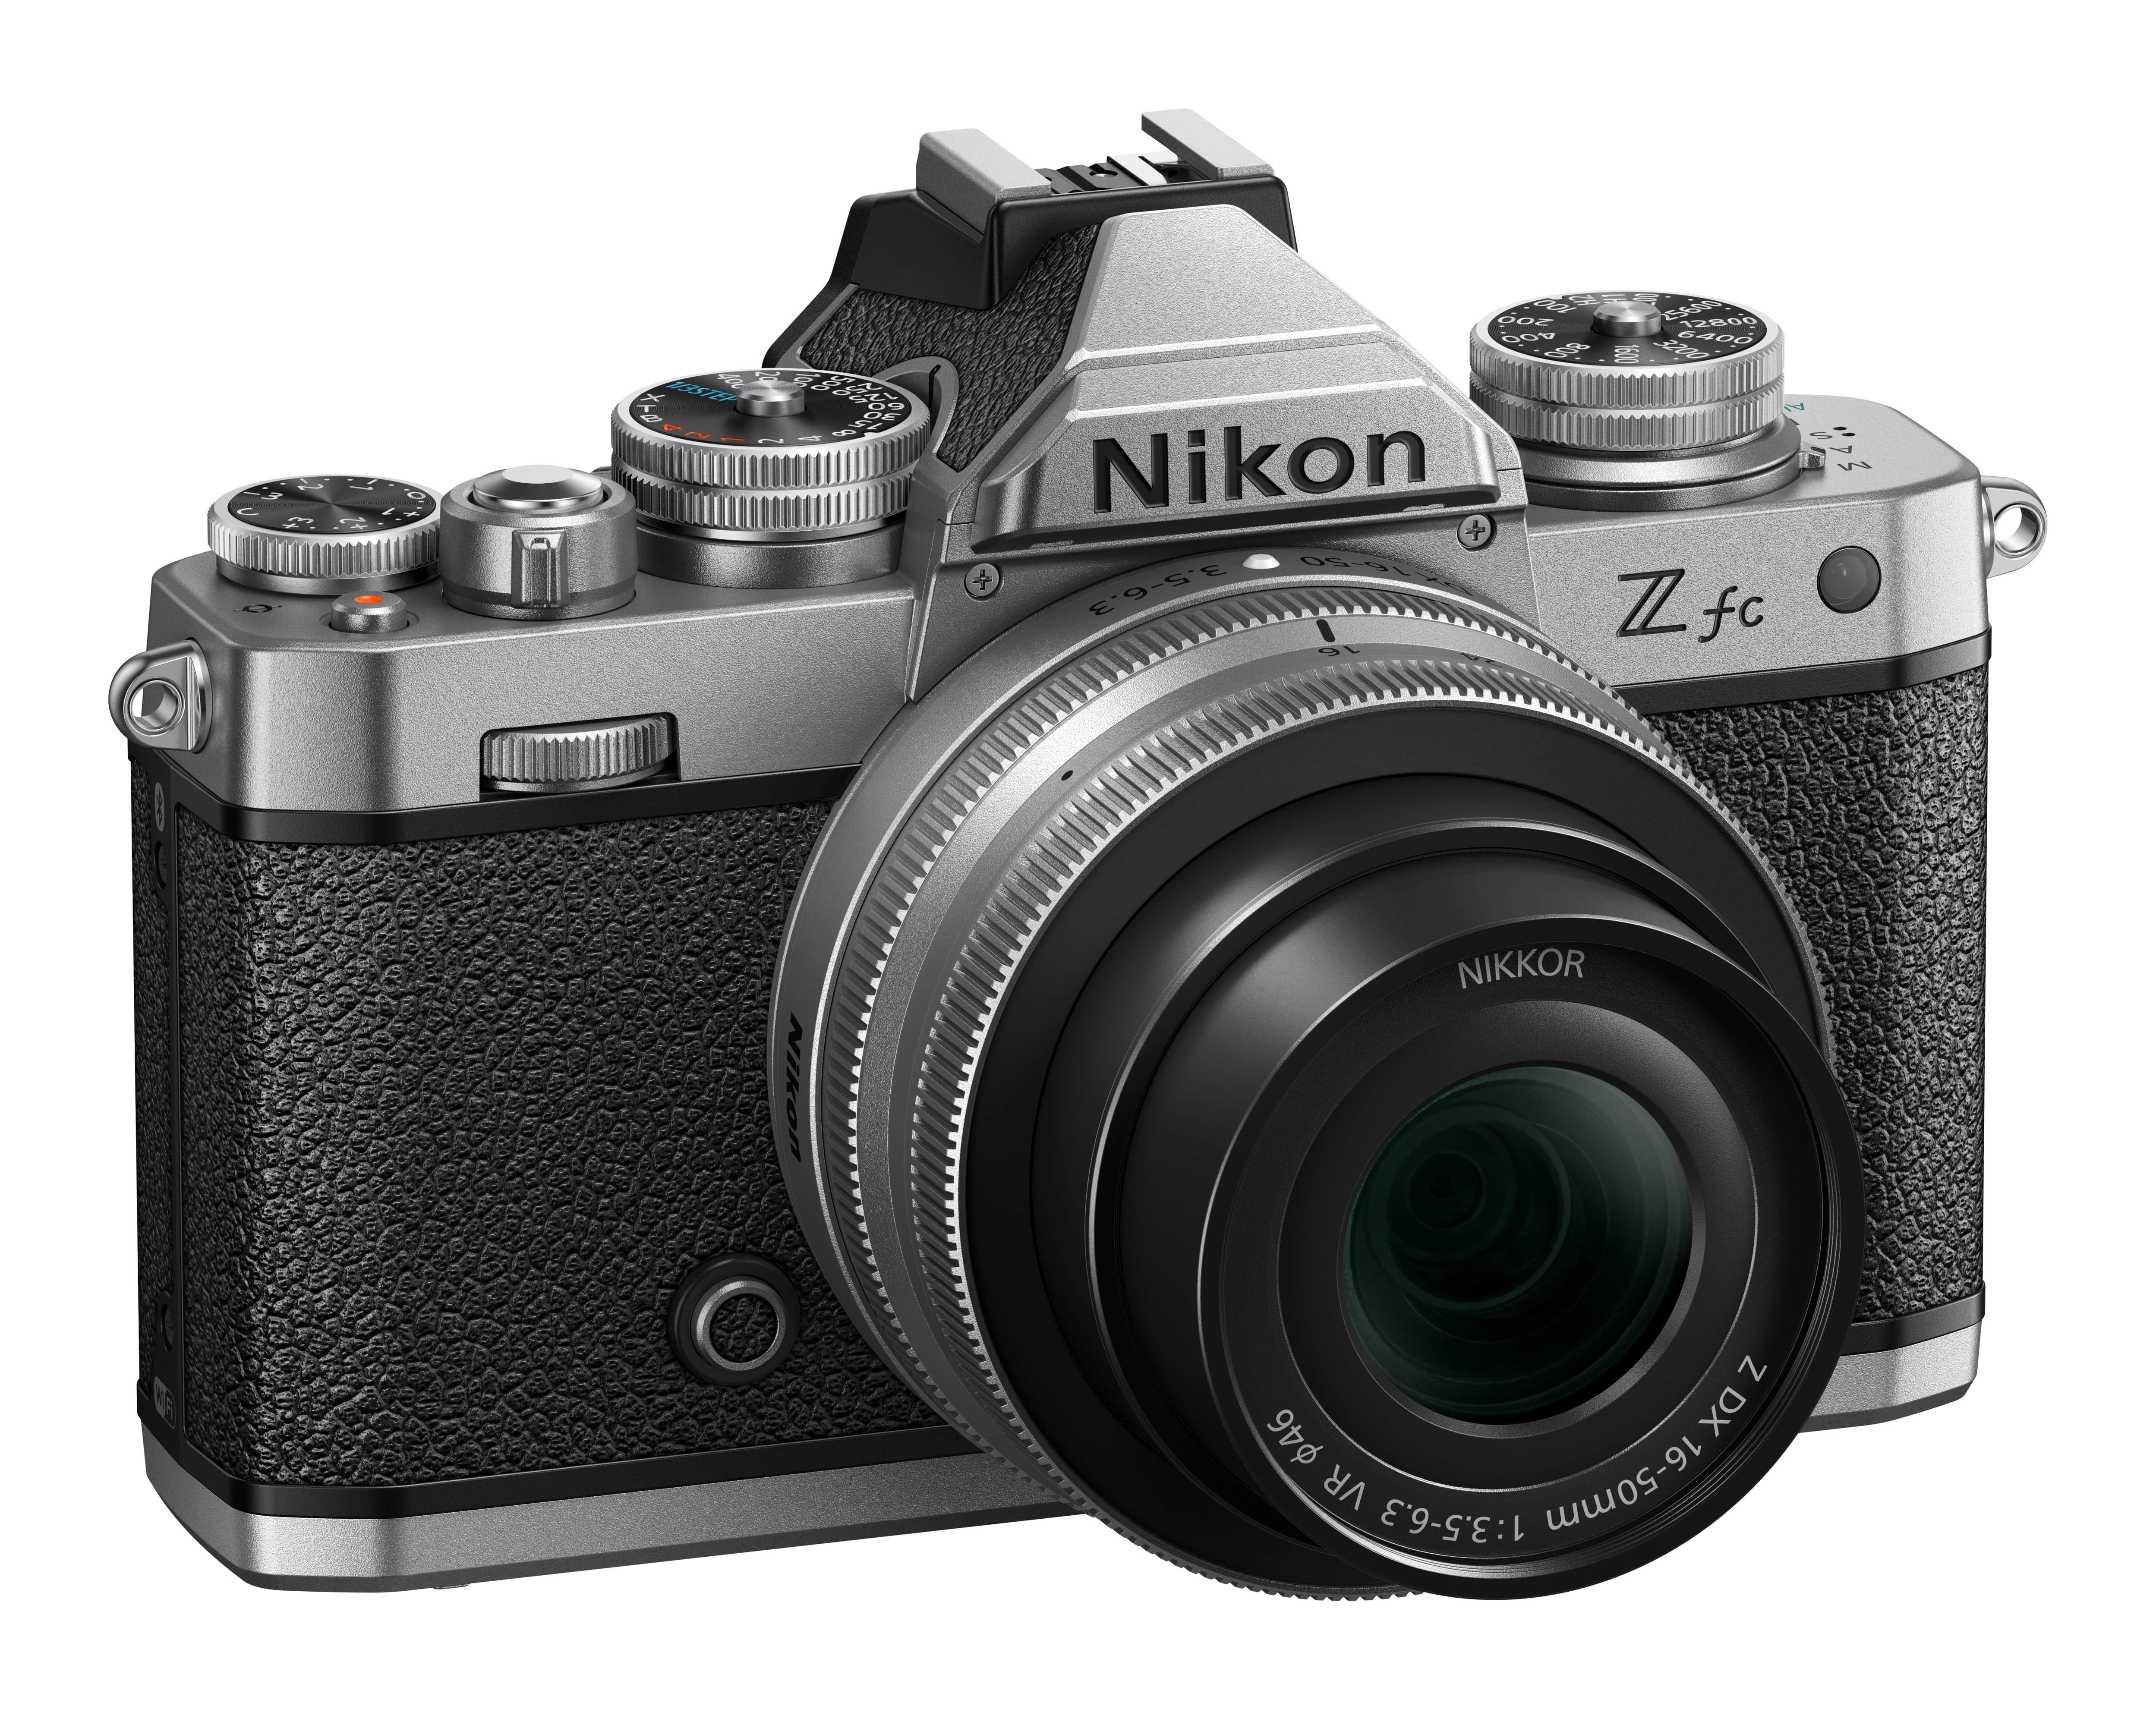 Nikon Z fc + NIKKOR Z DX 16-50mm 1:3,5-6,3 VR silber + Z DX 50-250mm 1:4.5-6.3 VR / Einführungsangebot -100,--€ bis zum 30.09.2021 bereits abgezogen.